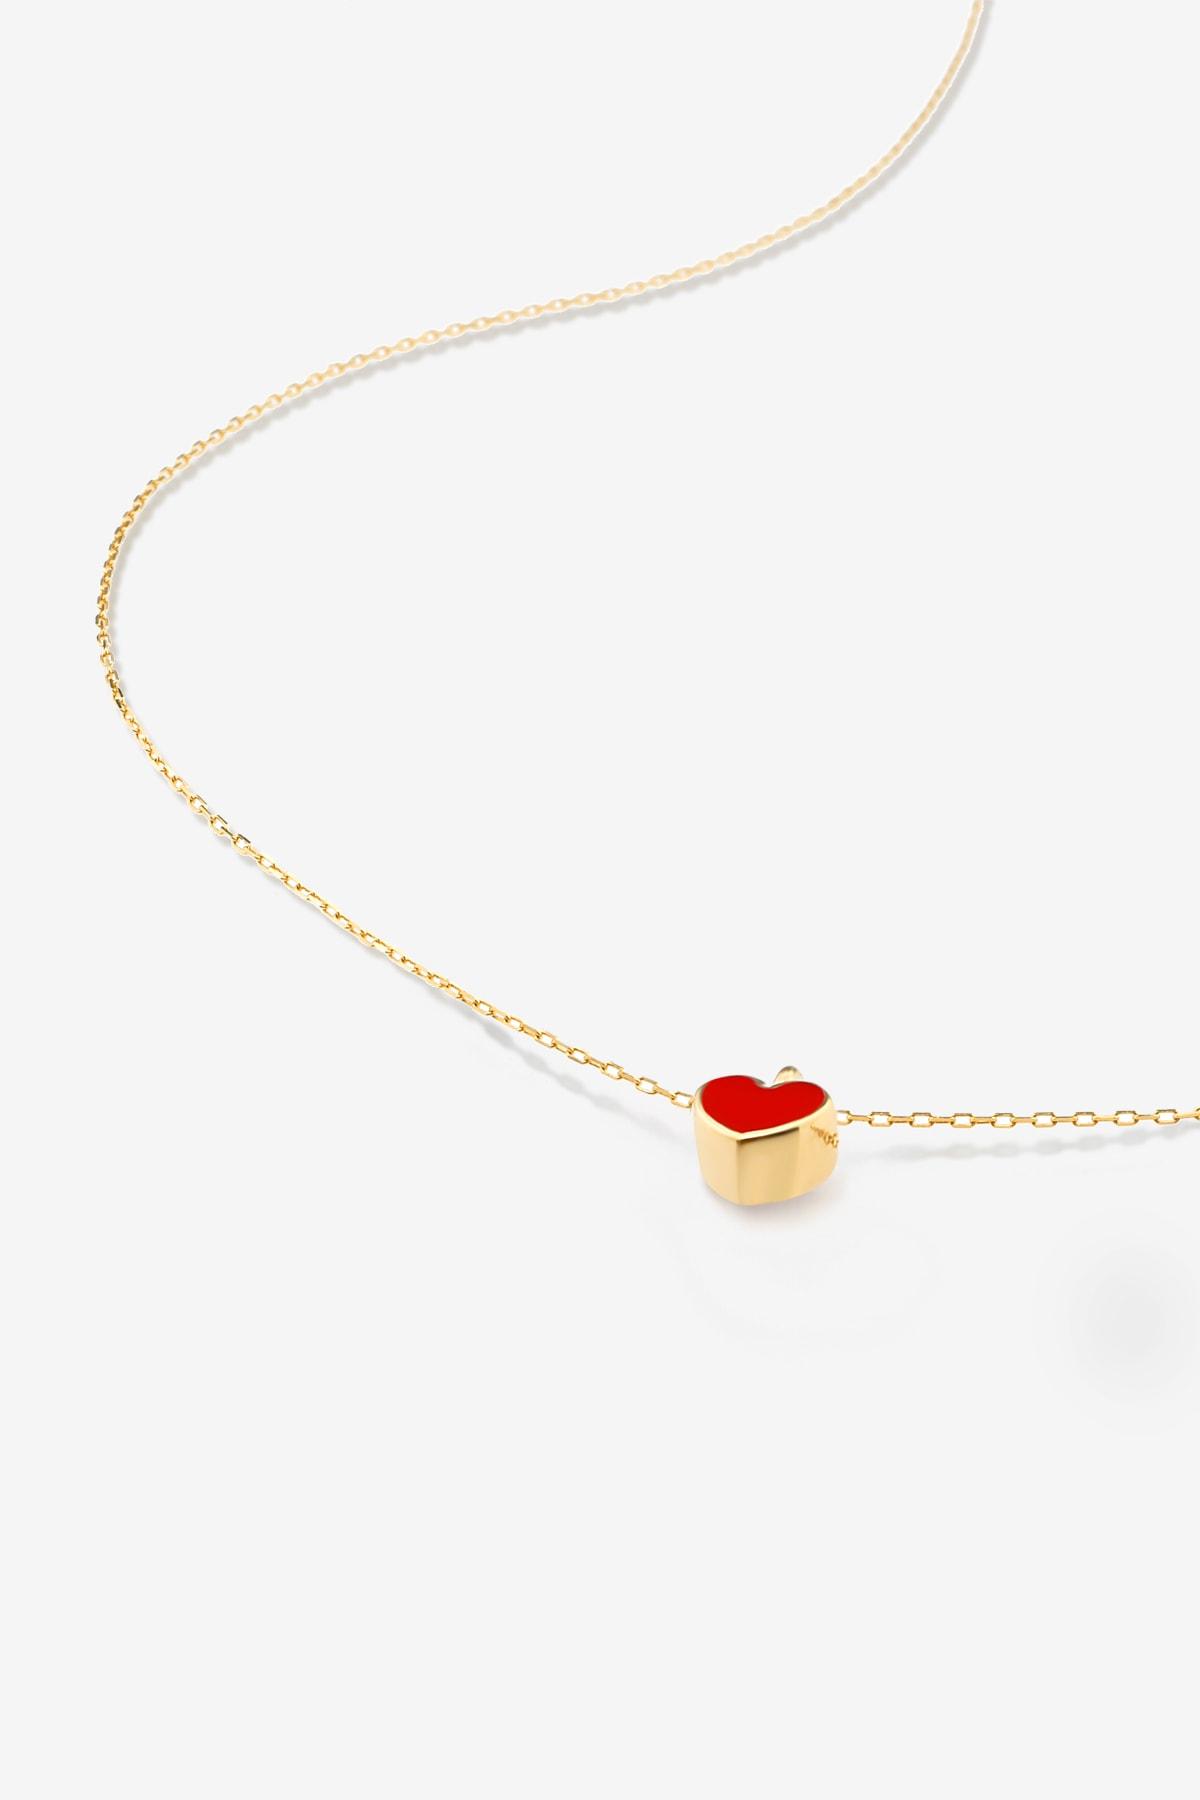 Gelin Pırlanta 14 Ayar Altın Mini Kırmızı Kalp Kolye 2